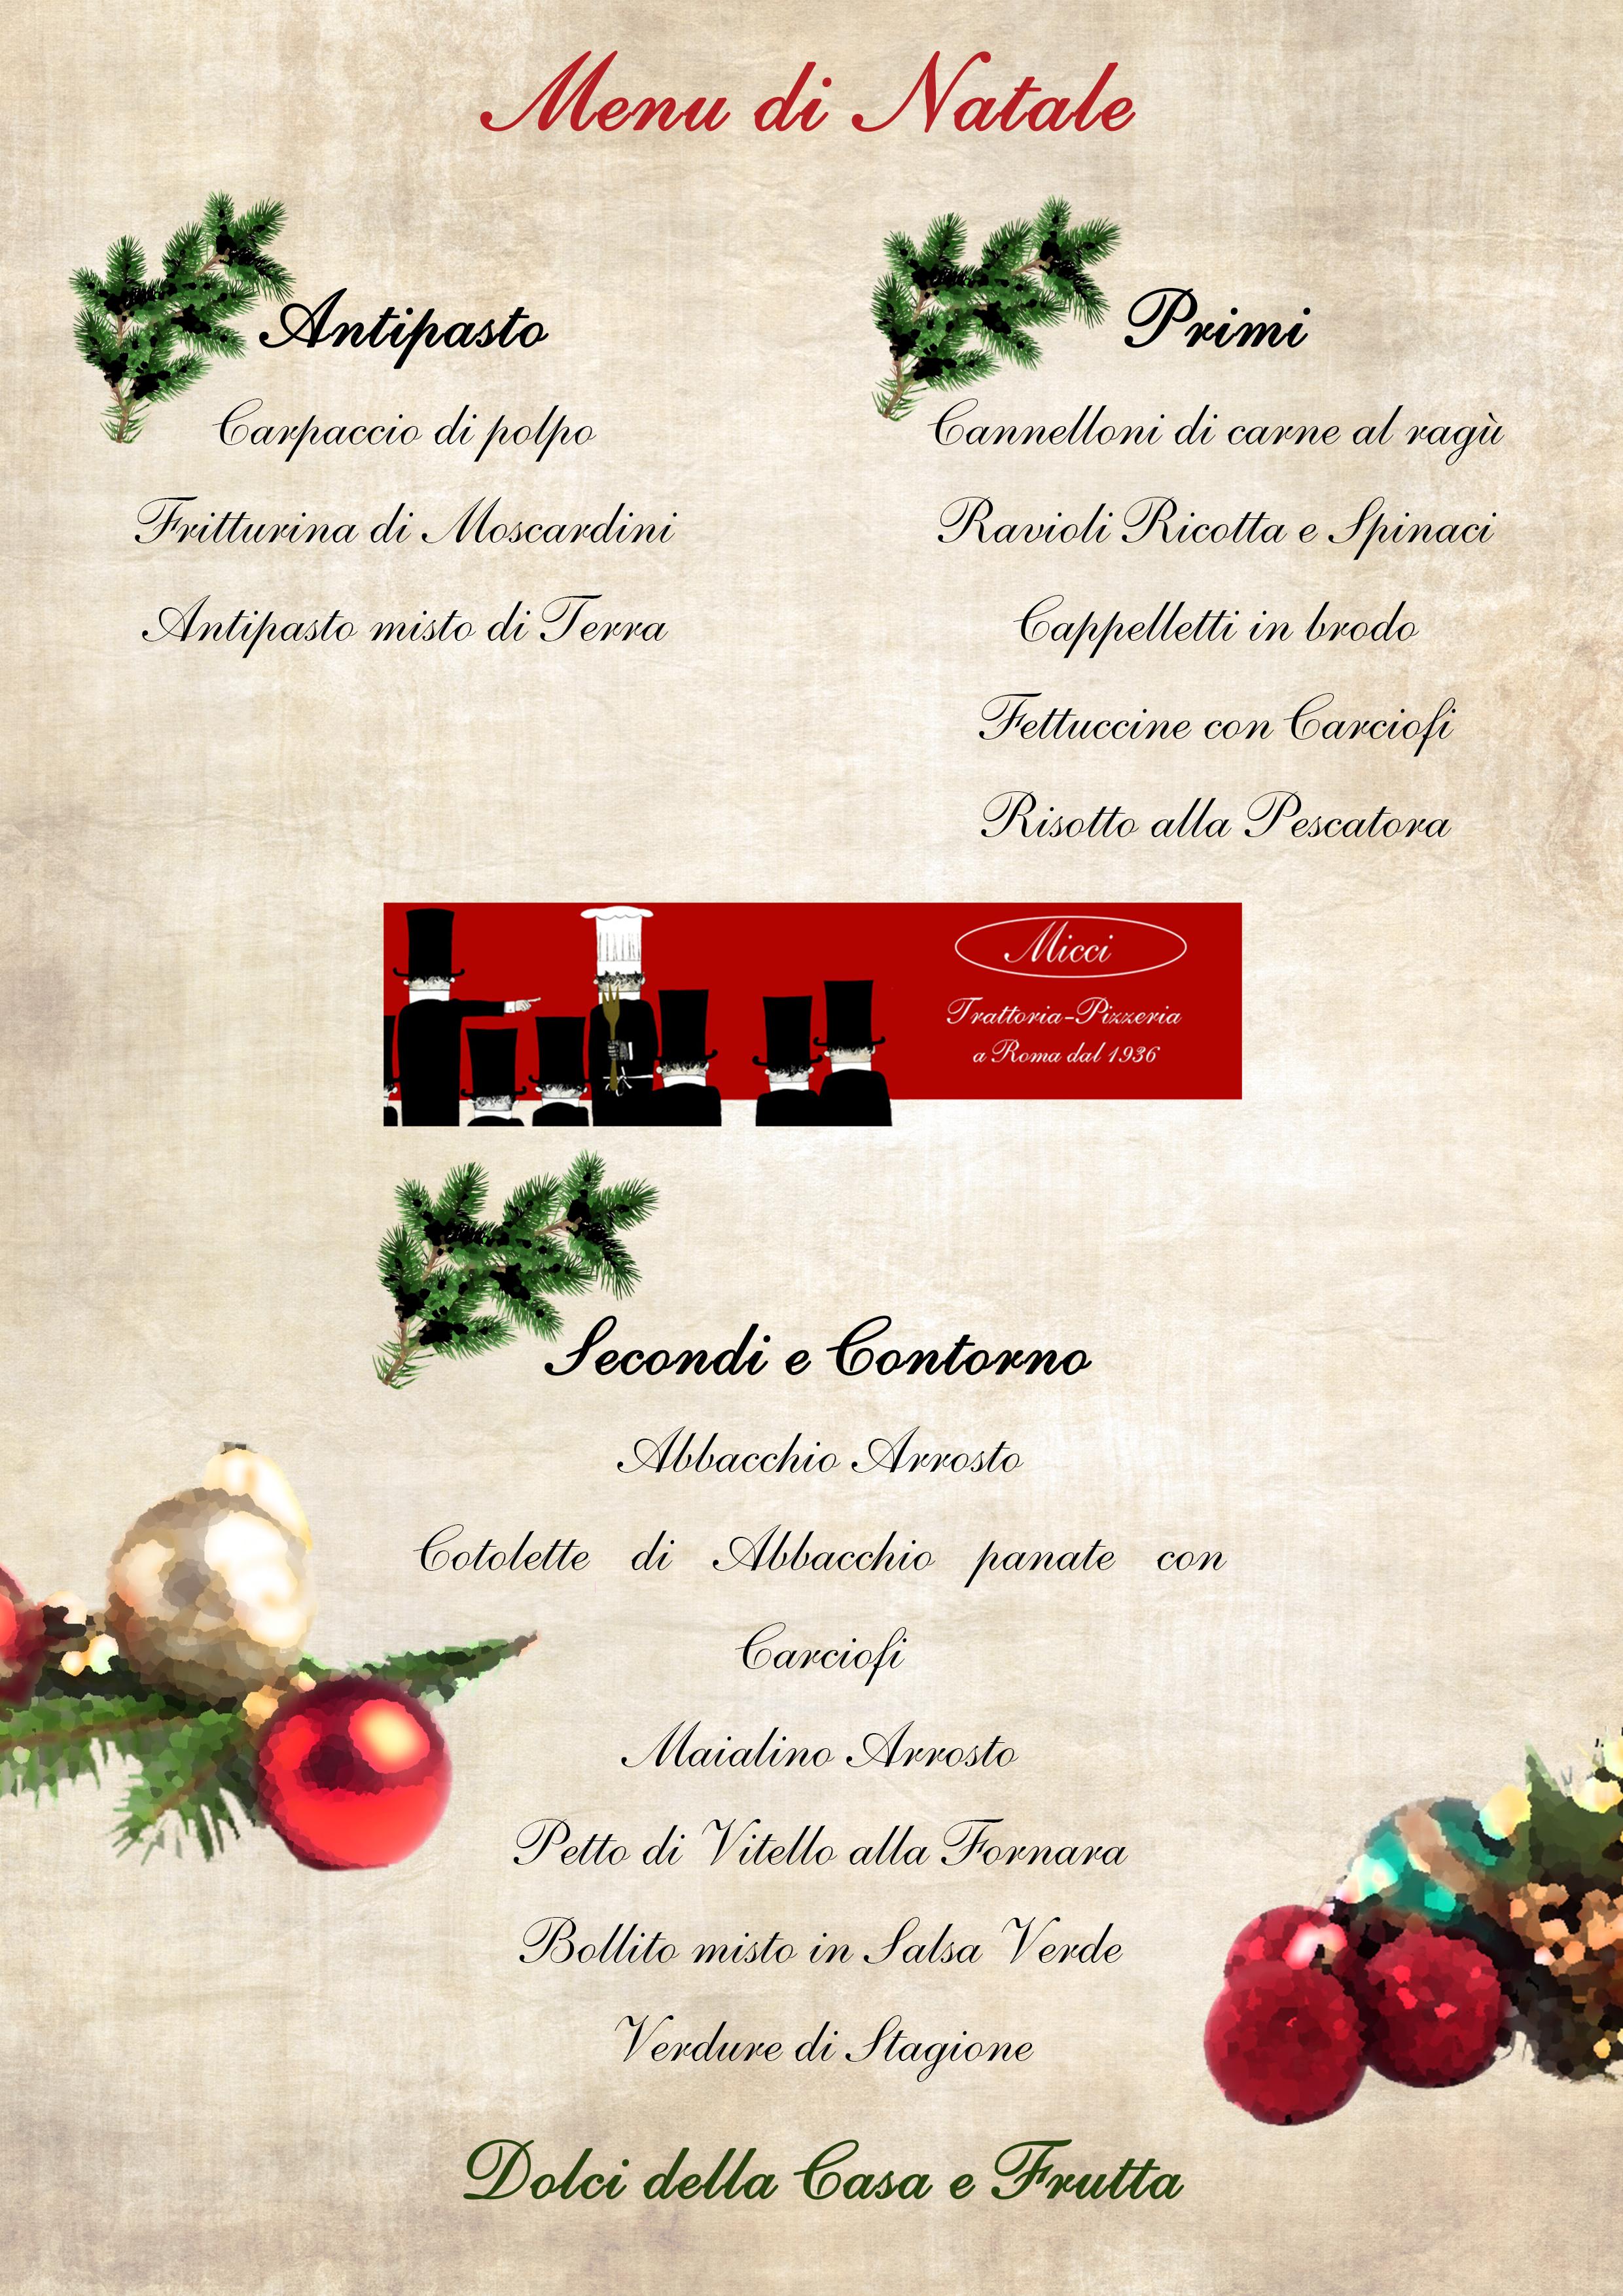 Menu Di Natale Per Due.Menu Di Natale La Proposta Di Trattoria Micci Per Il 25